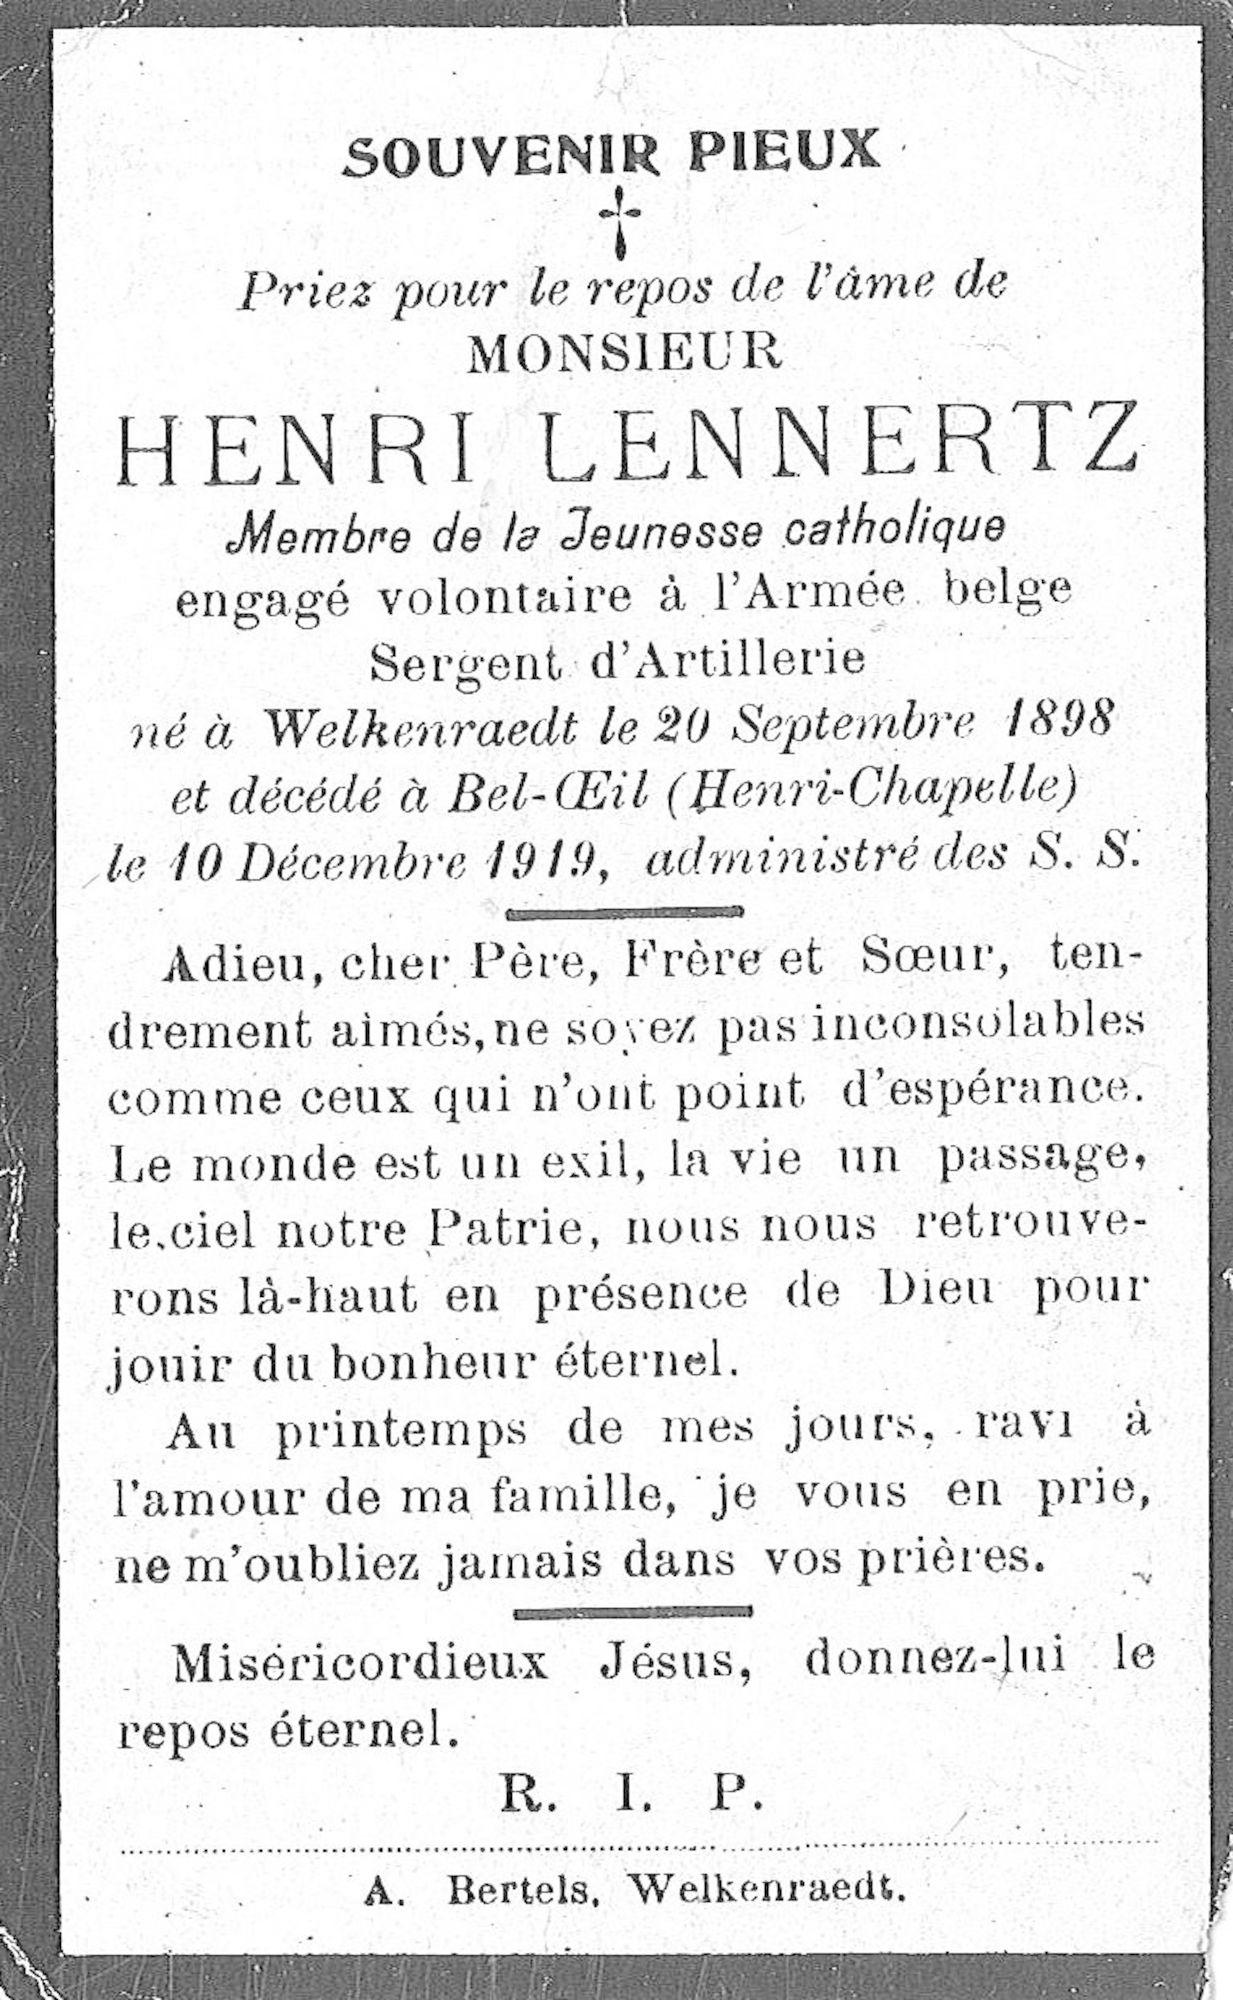 Henri Lennertz